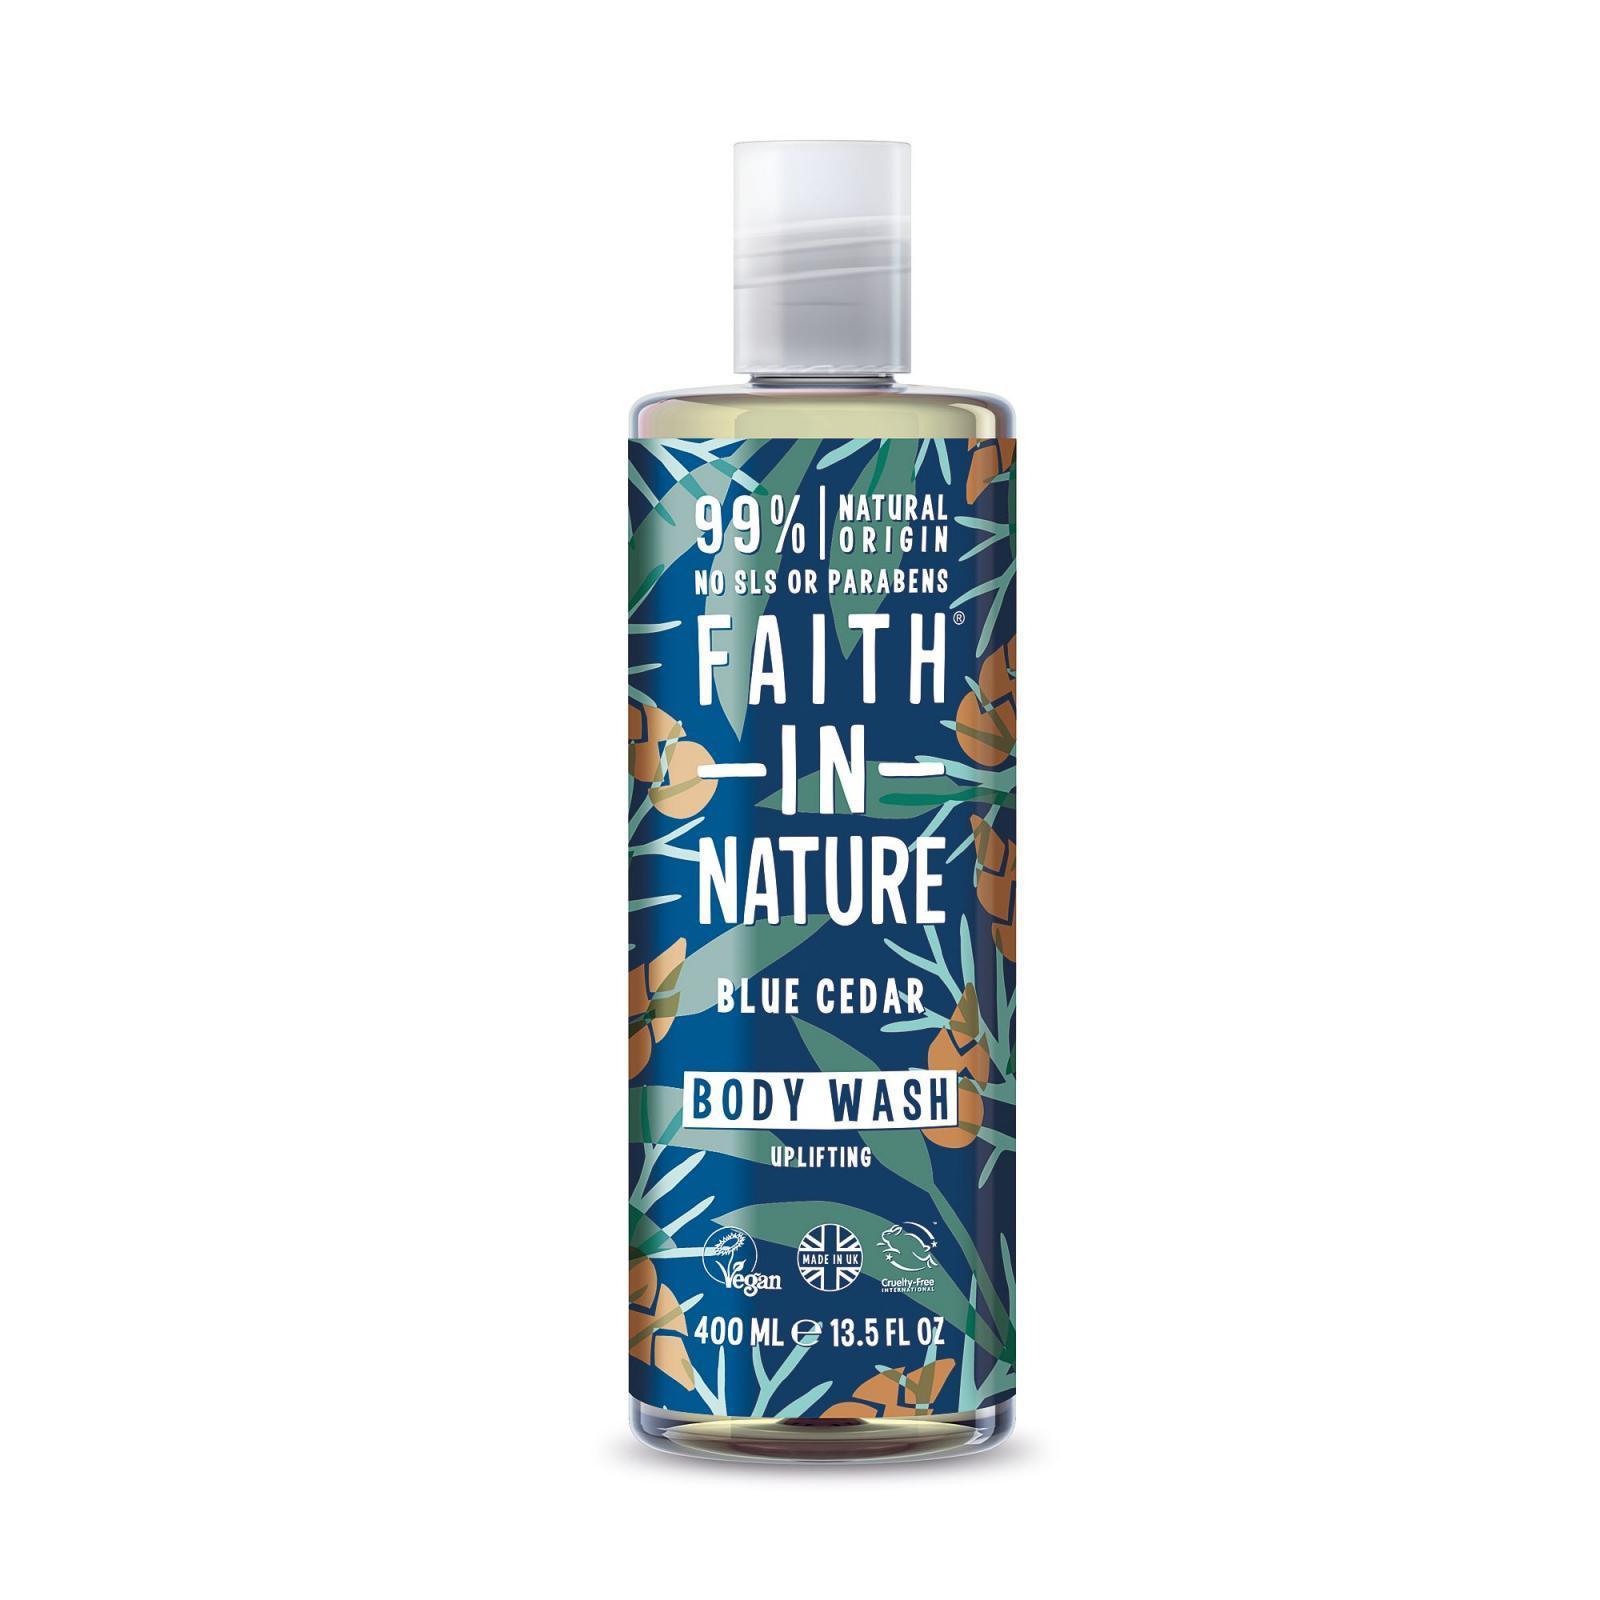 Faith in Nature Faith For Men, Přírodní sprchový gel - modrý cedr, 400ml